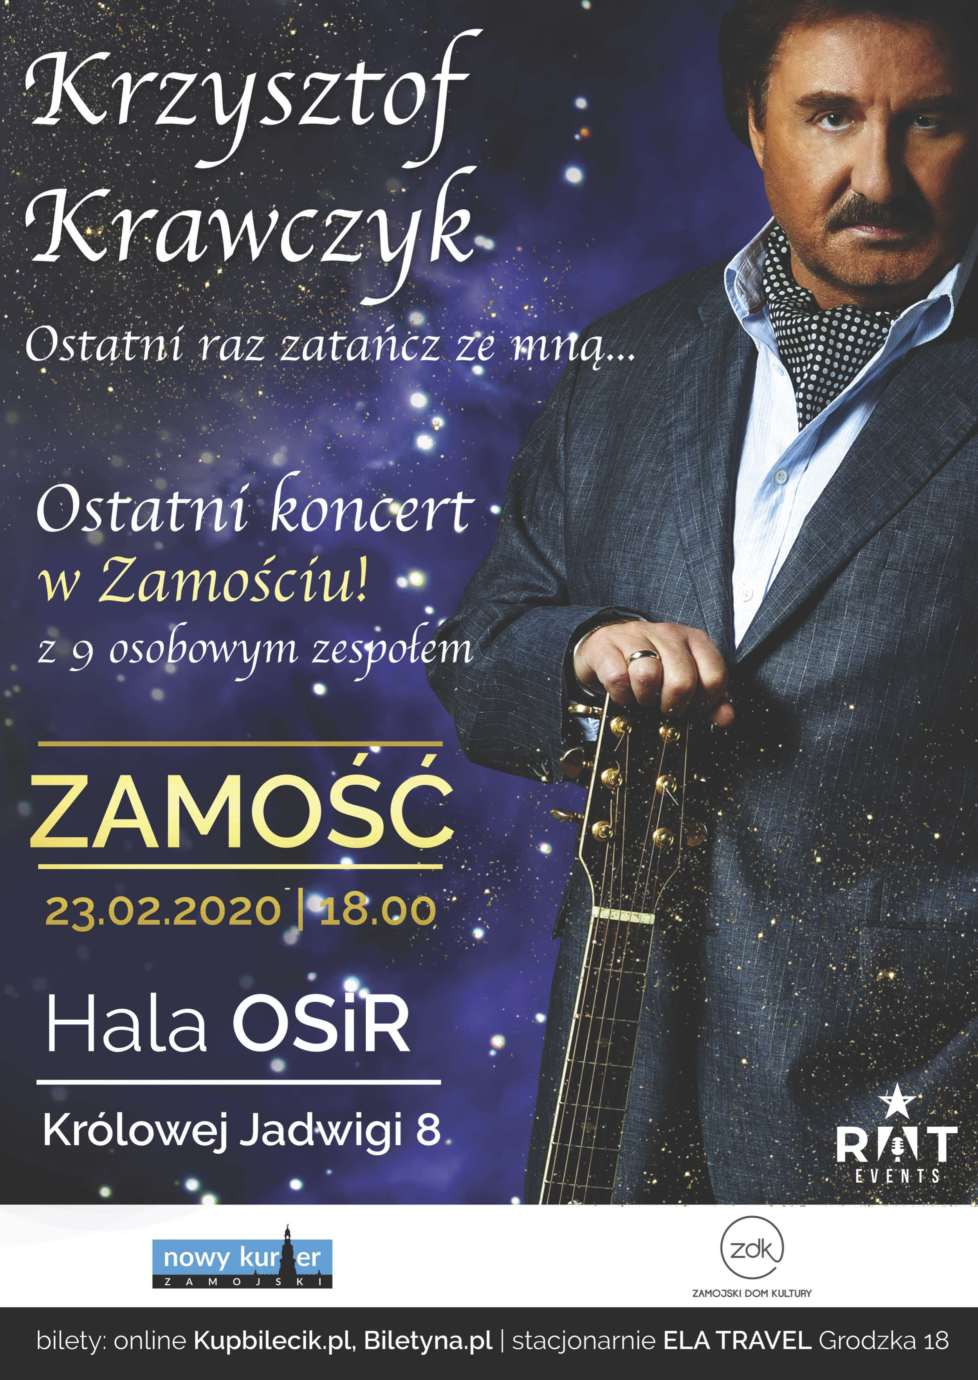 plakatat kk zamosc a2 1 Ostatni koncert Krzysztofa Krawczyka w Zamościu. ROZDAJEMY WEJŚCIÓWKI!!!